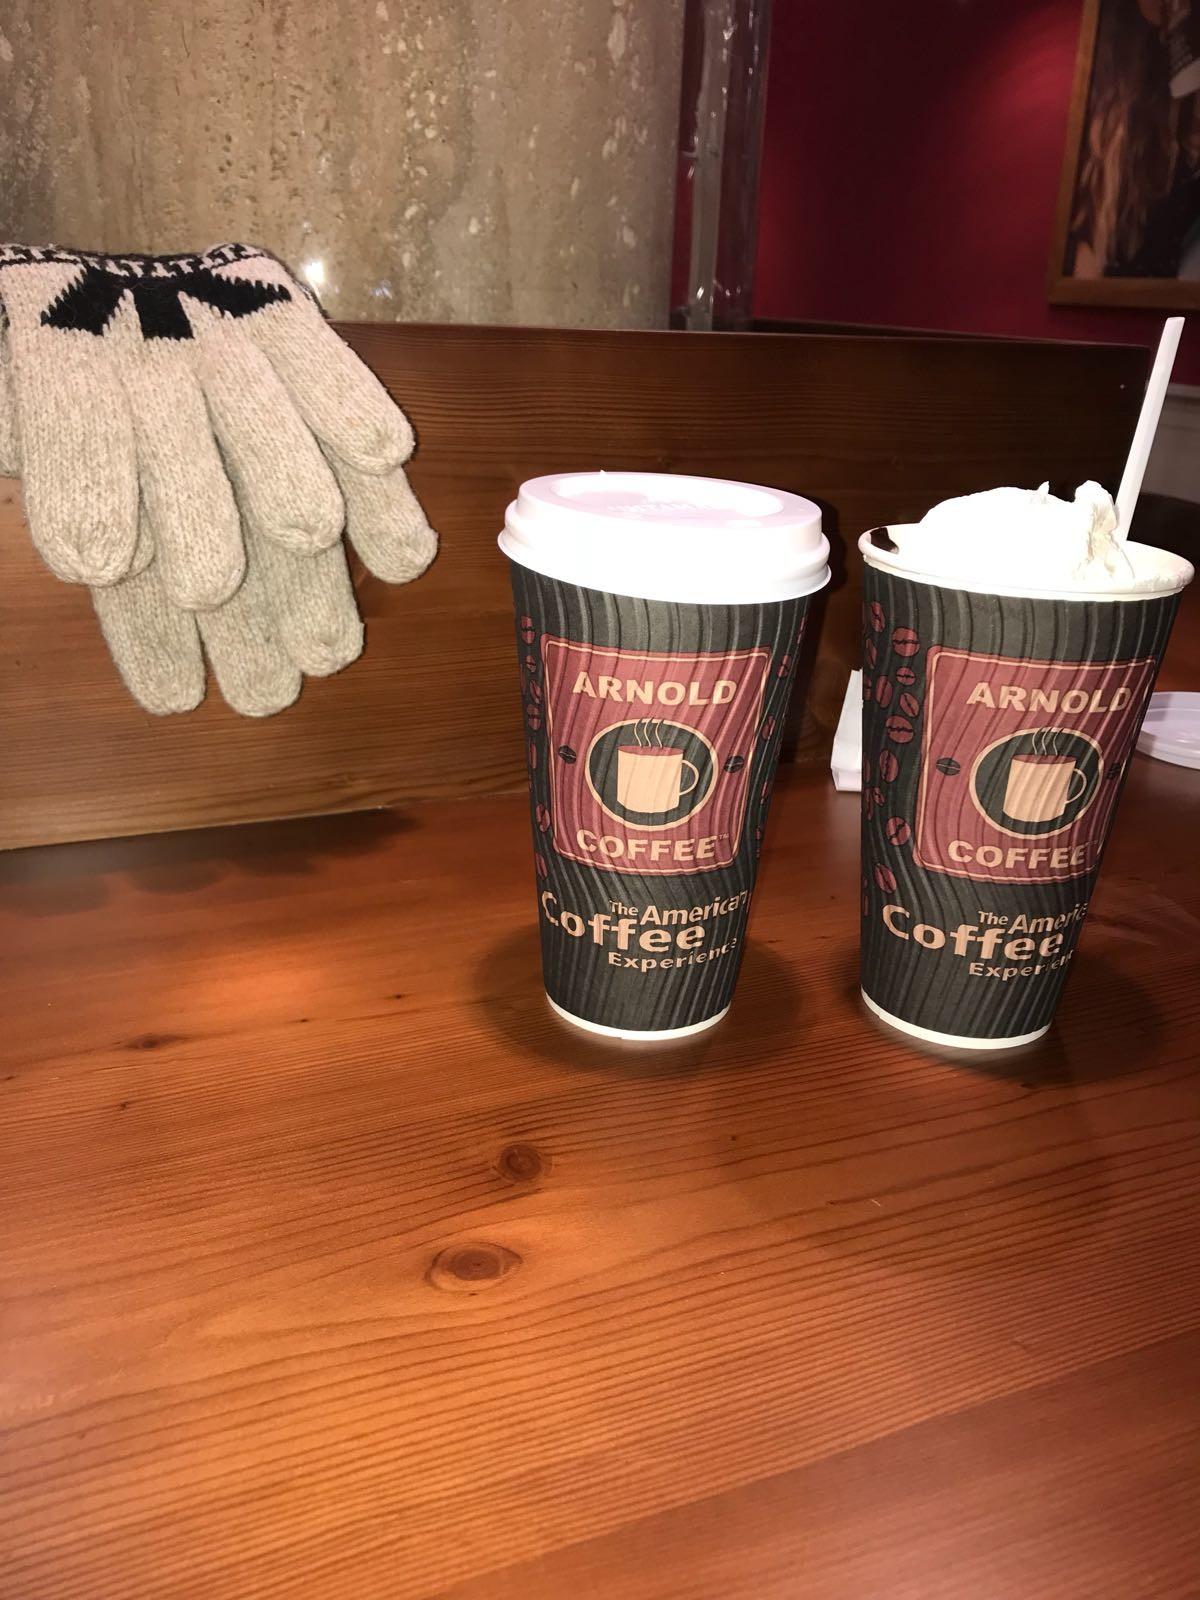 arnold-coffee-210017a9610376d940379798ba